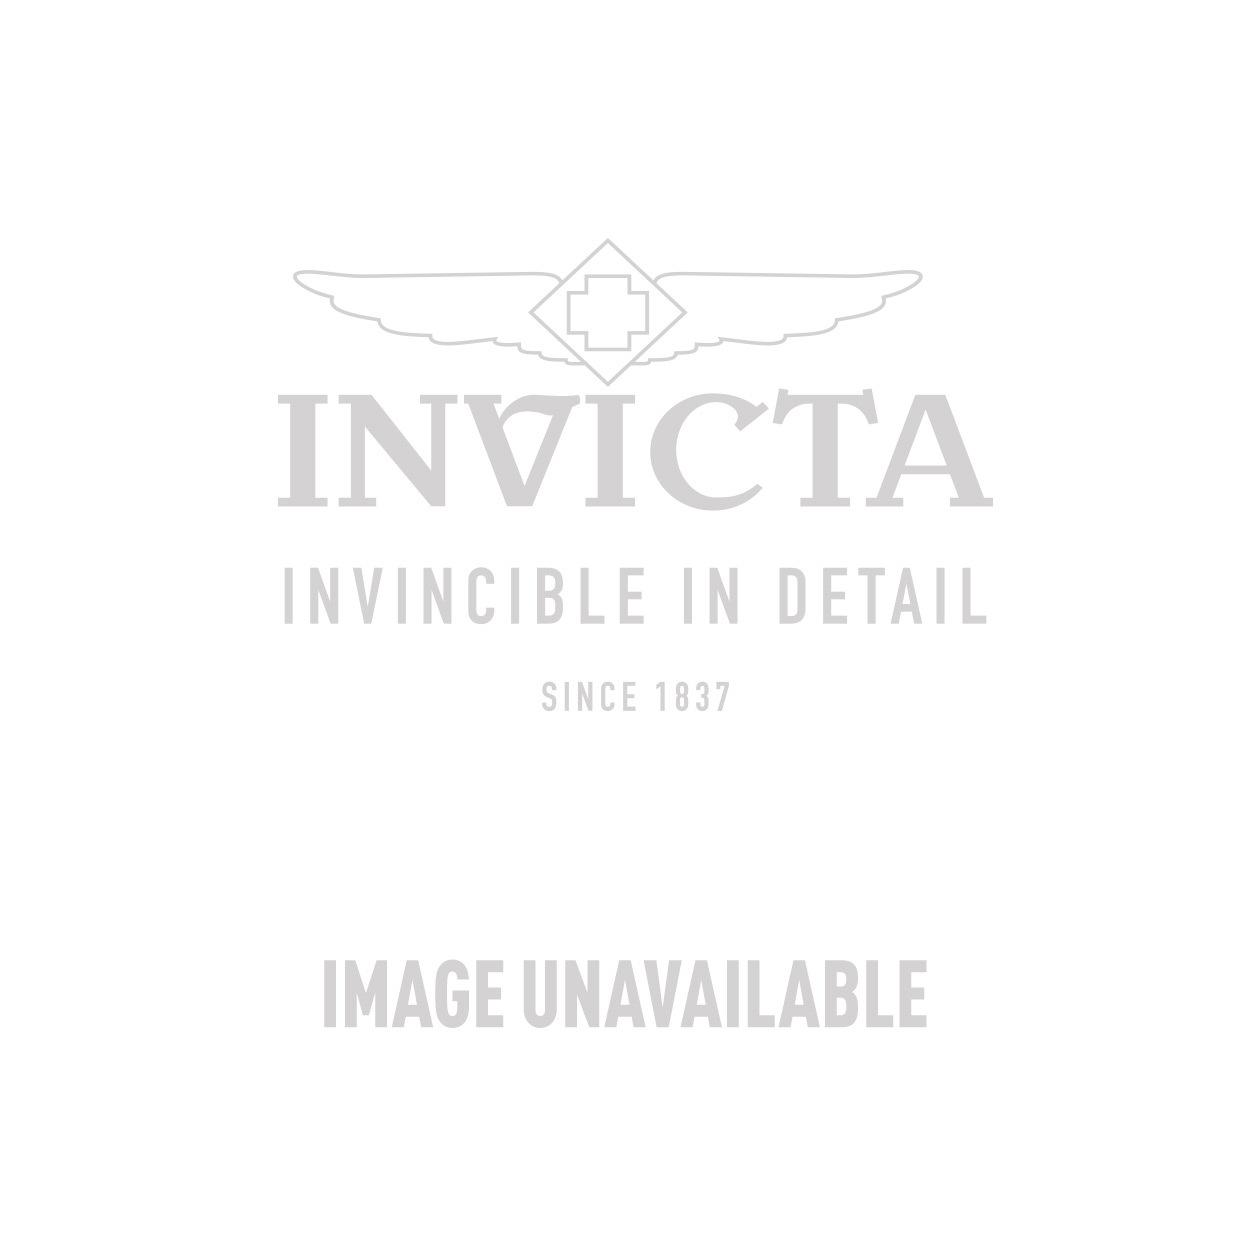 Invicta Model 27872